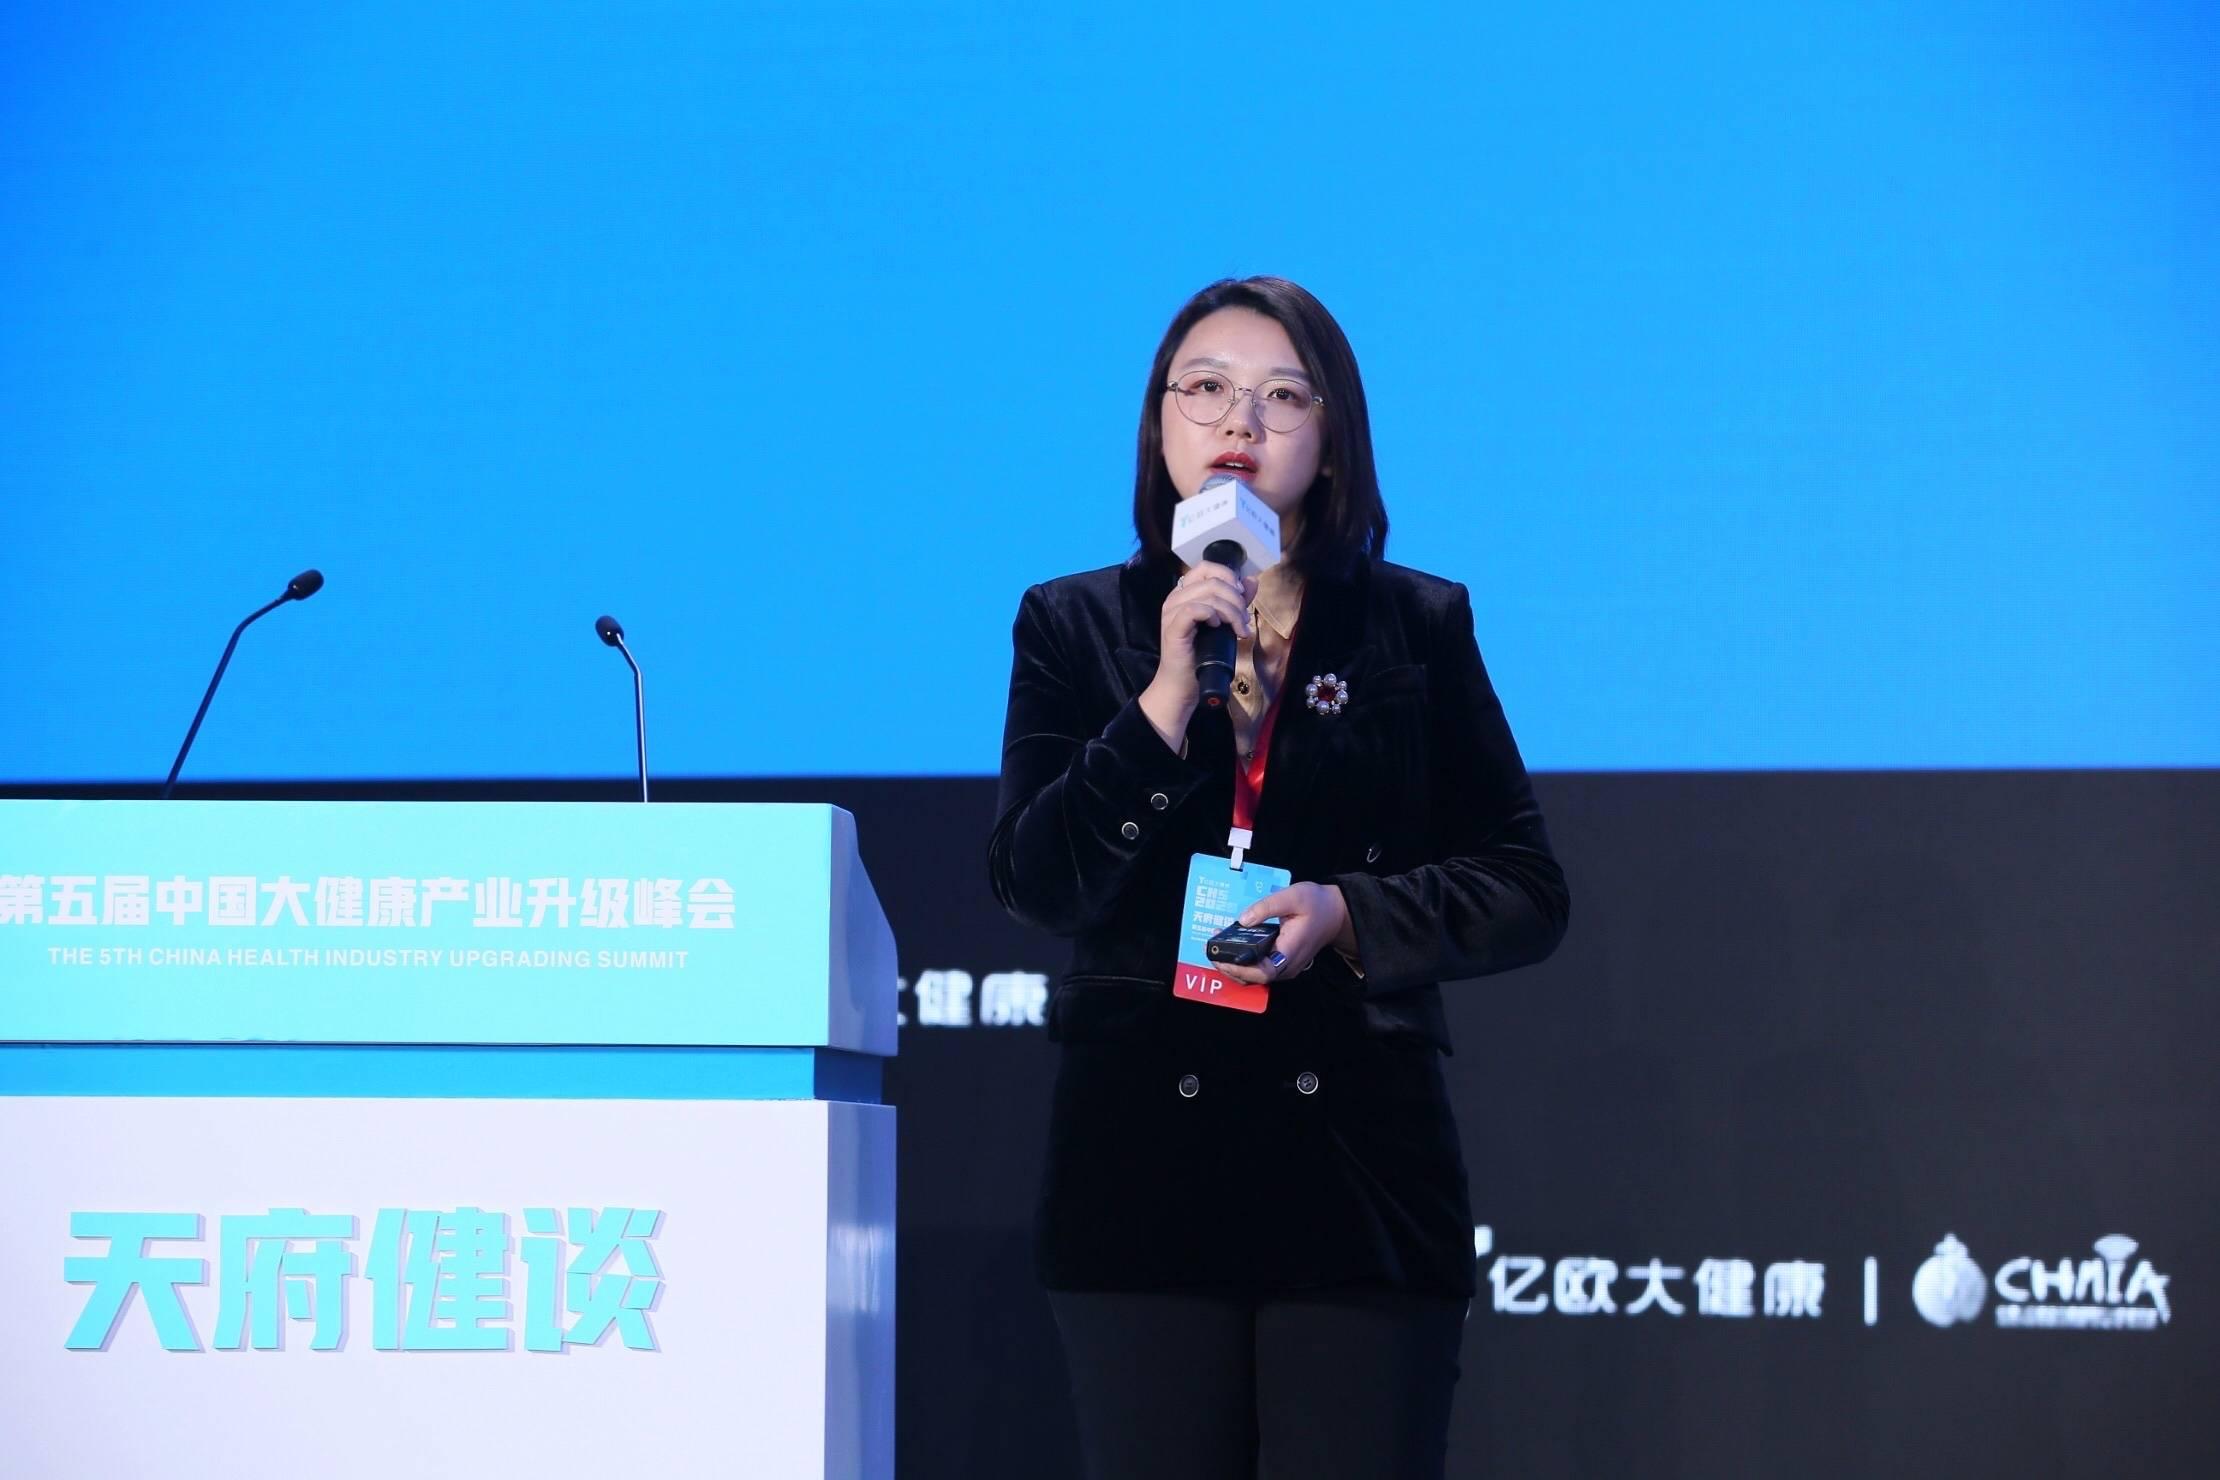 京东健康专科互联网医院部总经理金方怡.jpeg.jpeg